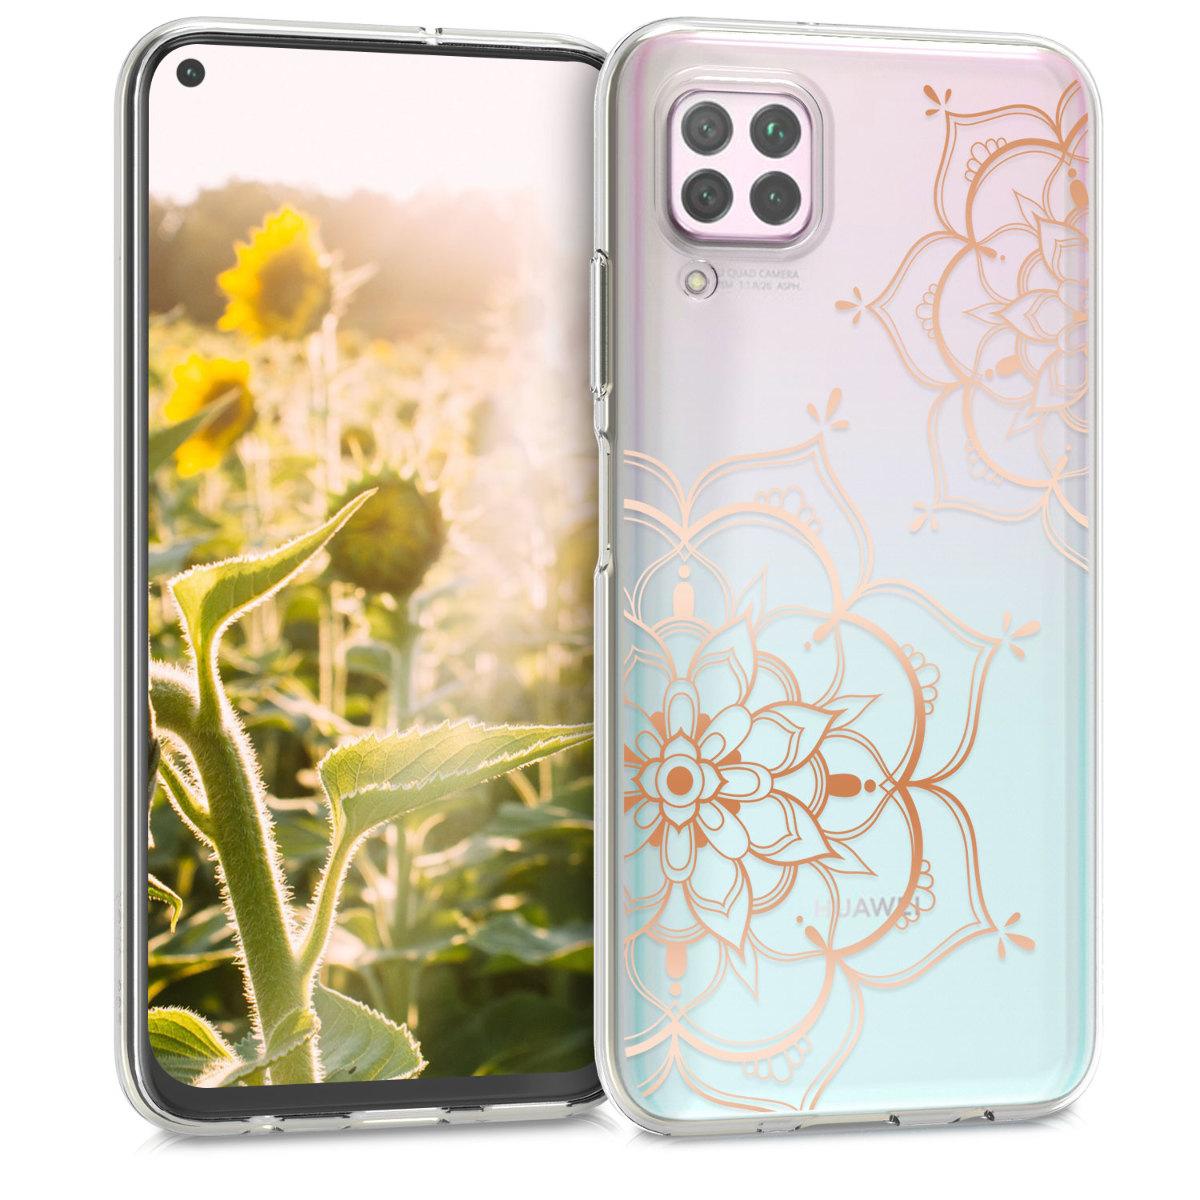 Silikonové pouzdro / obal pro Huawei P40 Lite s motivem zlatých květů